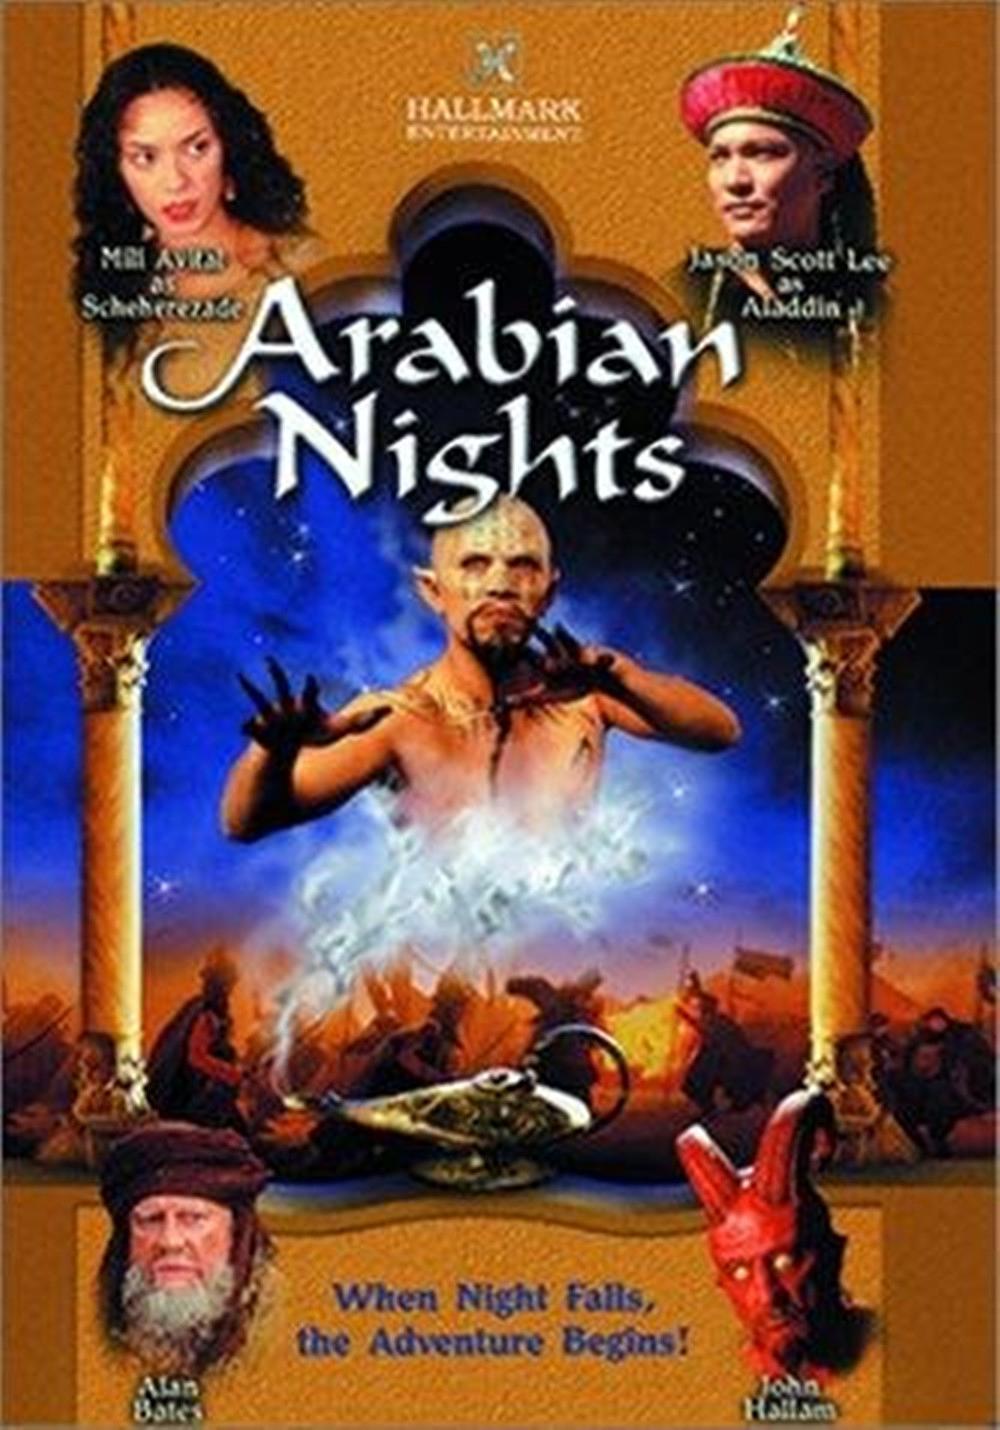 阿拉丁神灯 2002版